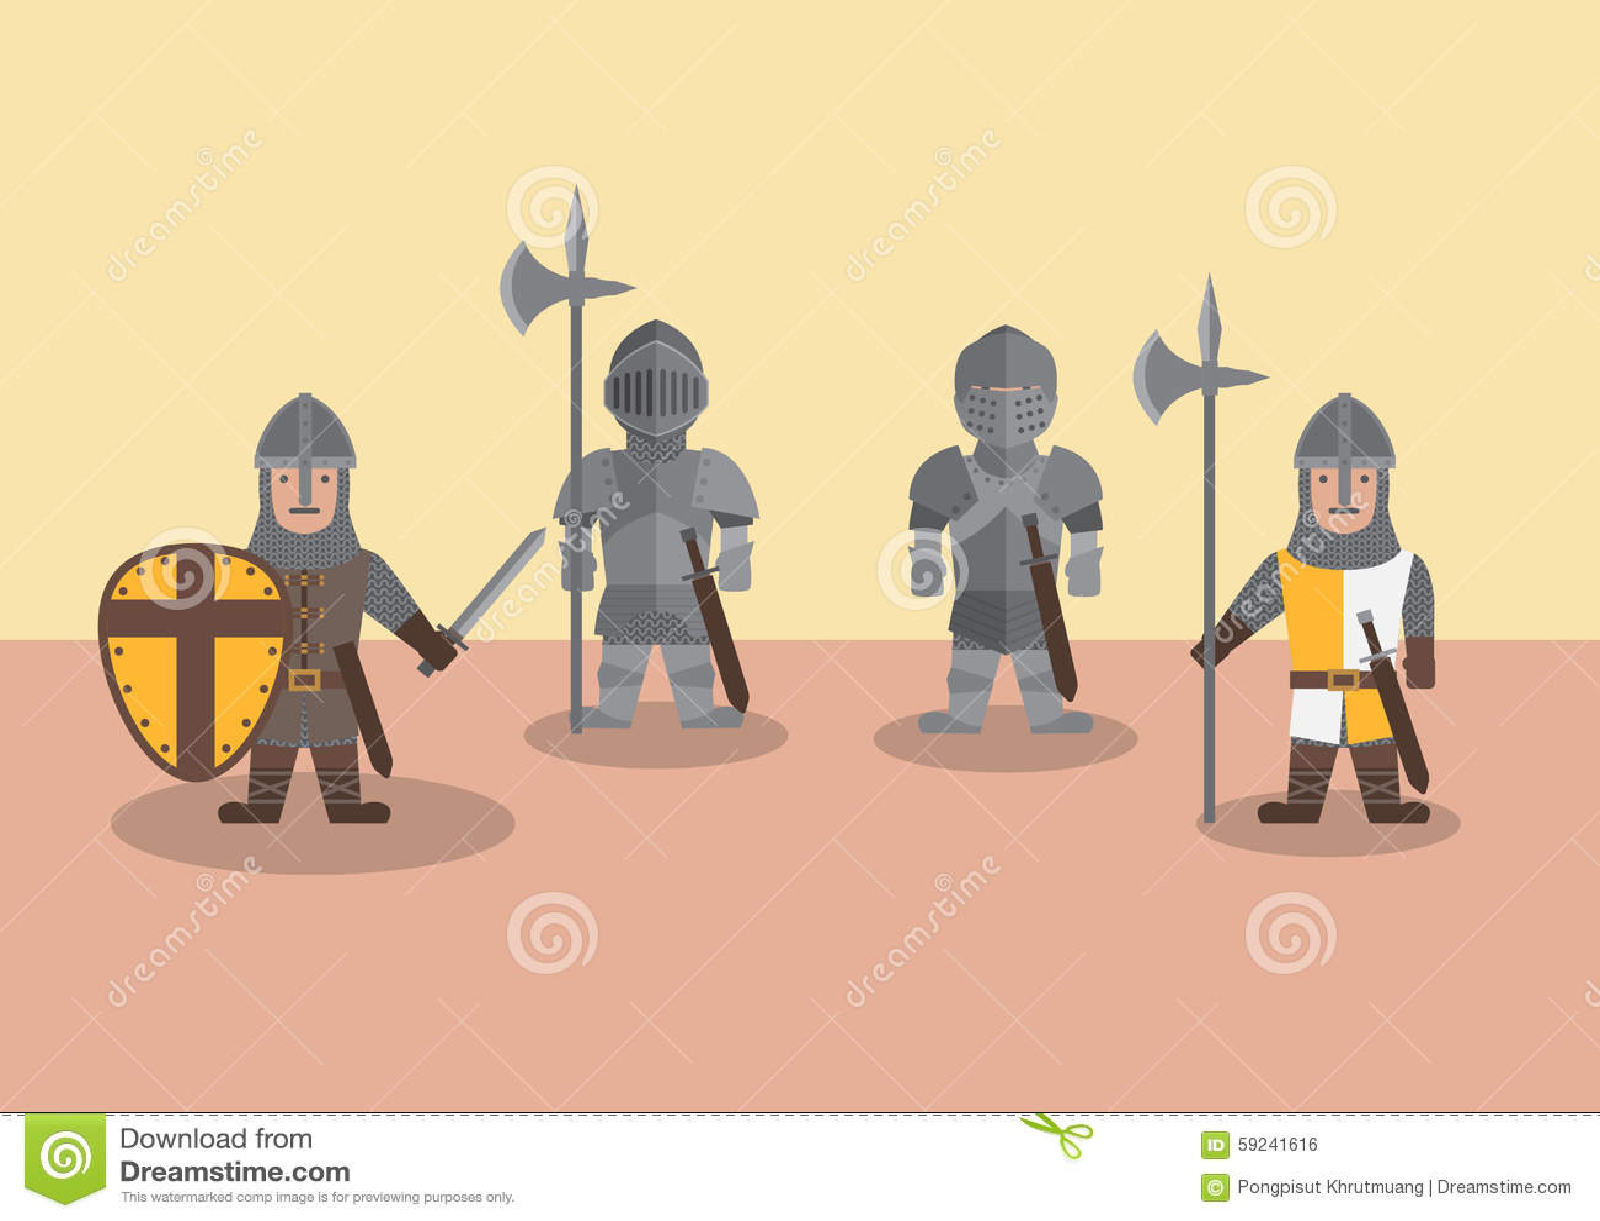 Gráfico plano del soldado medieval